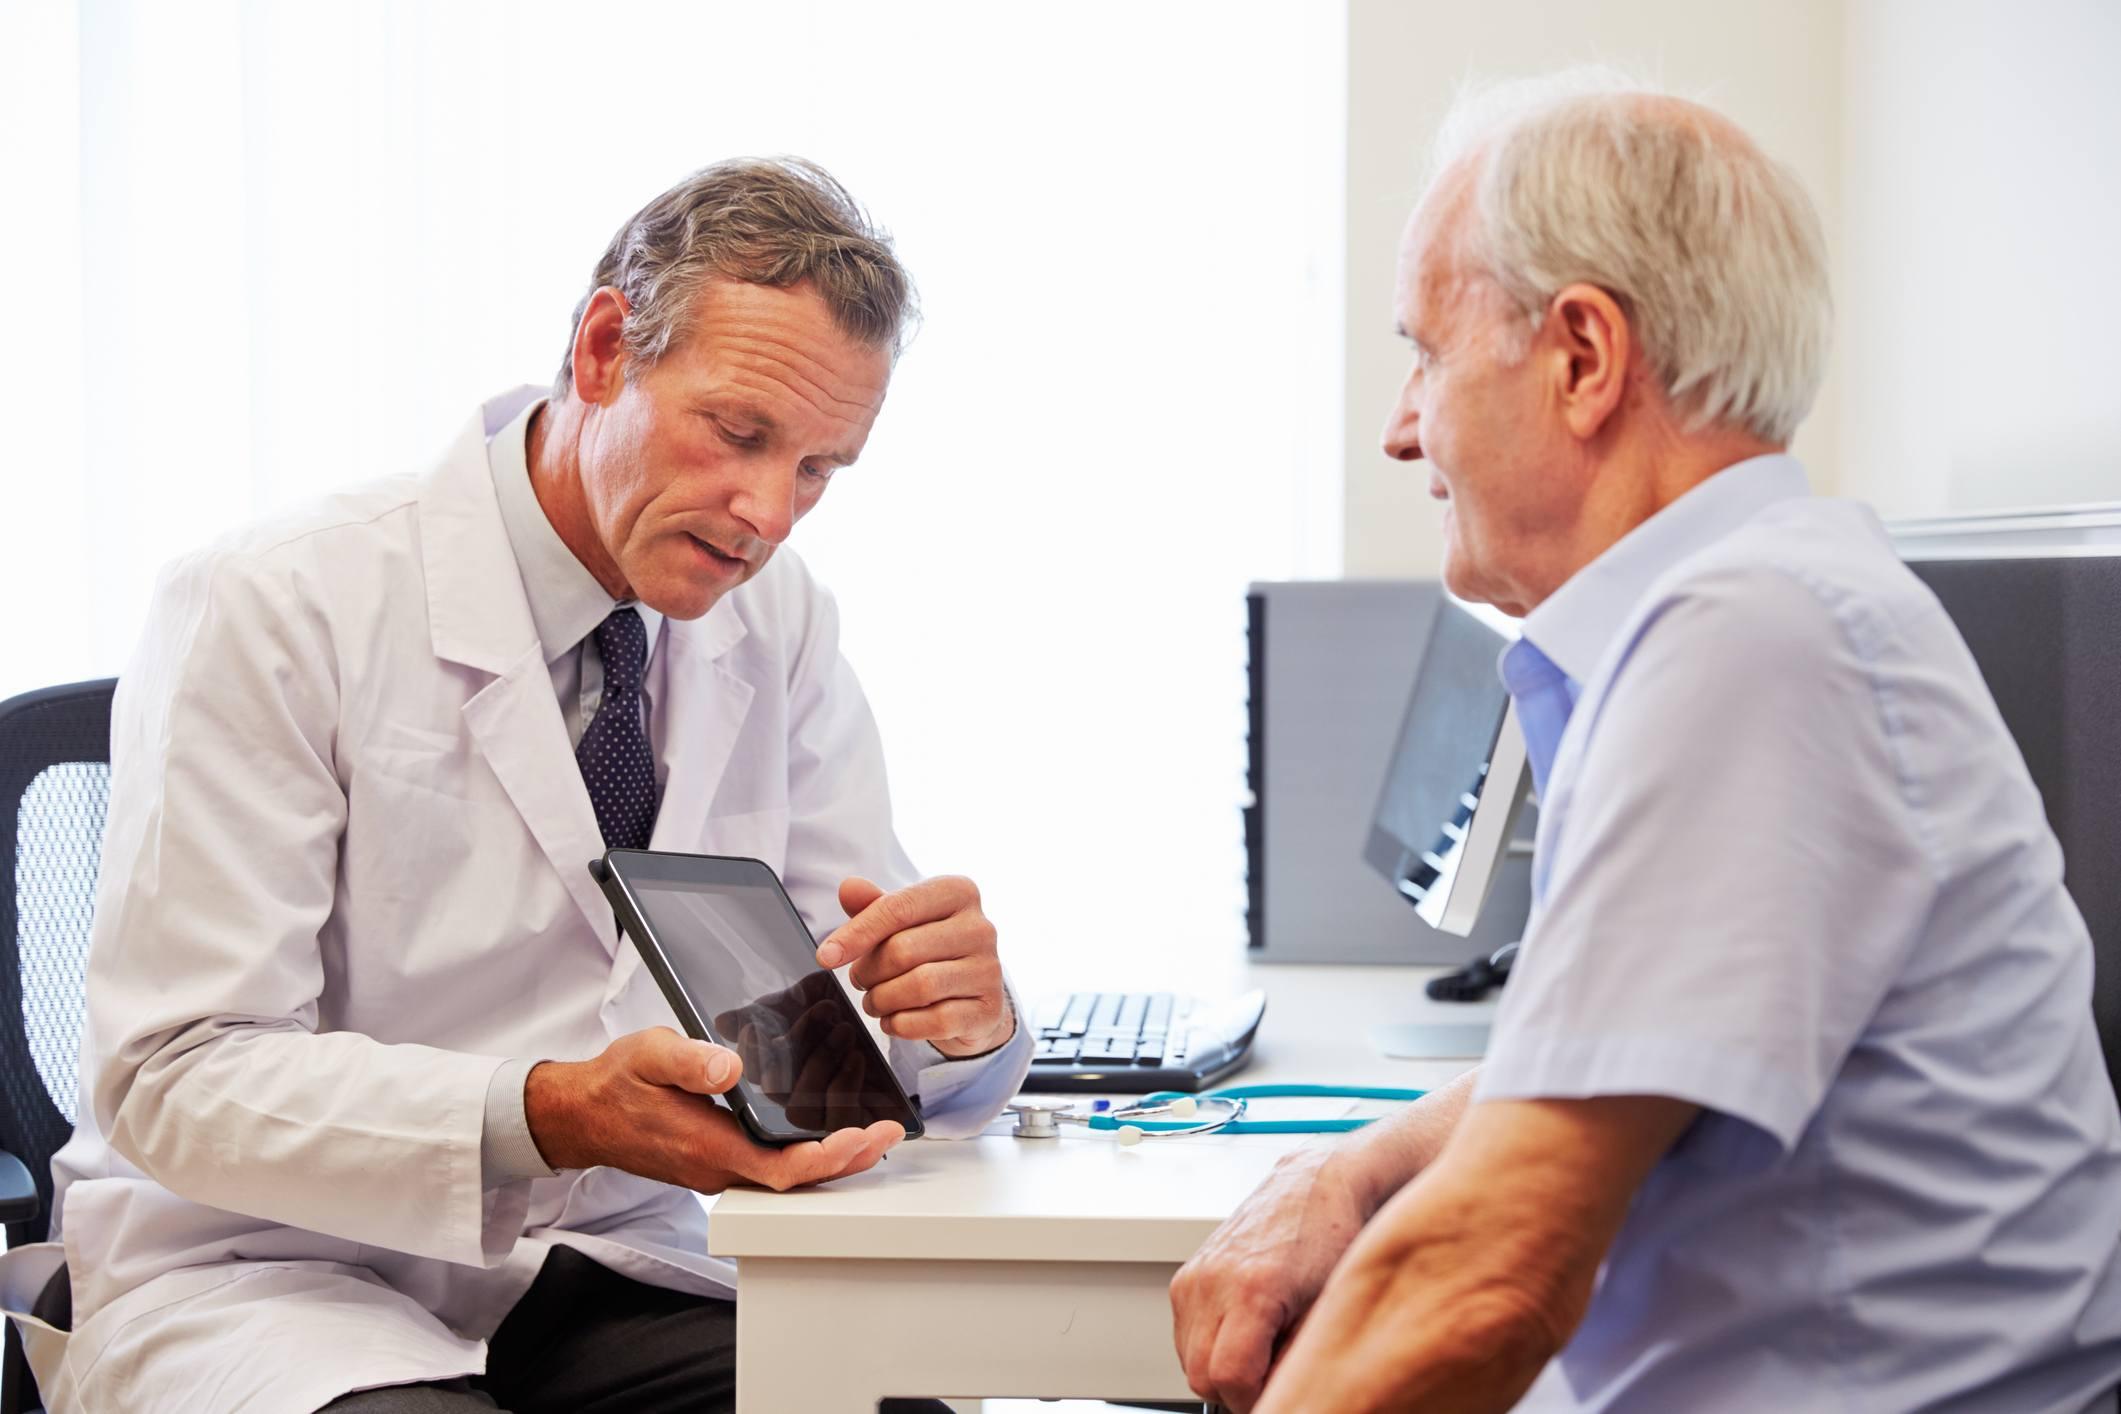 Older at doctor